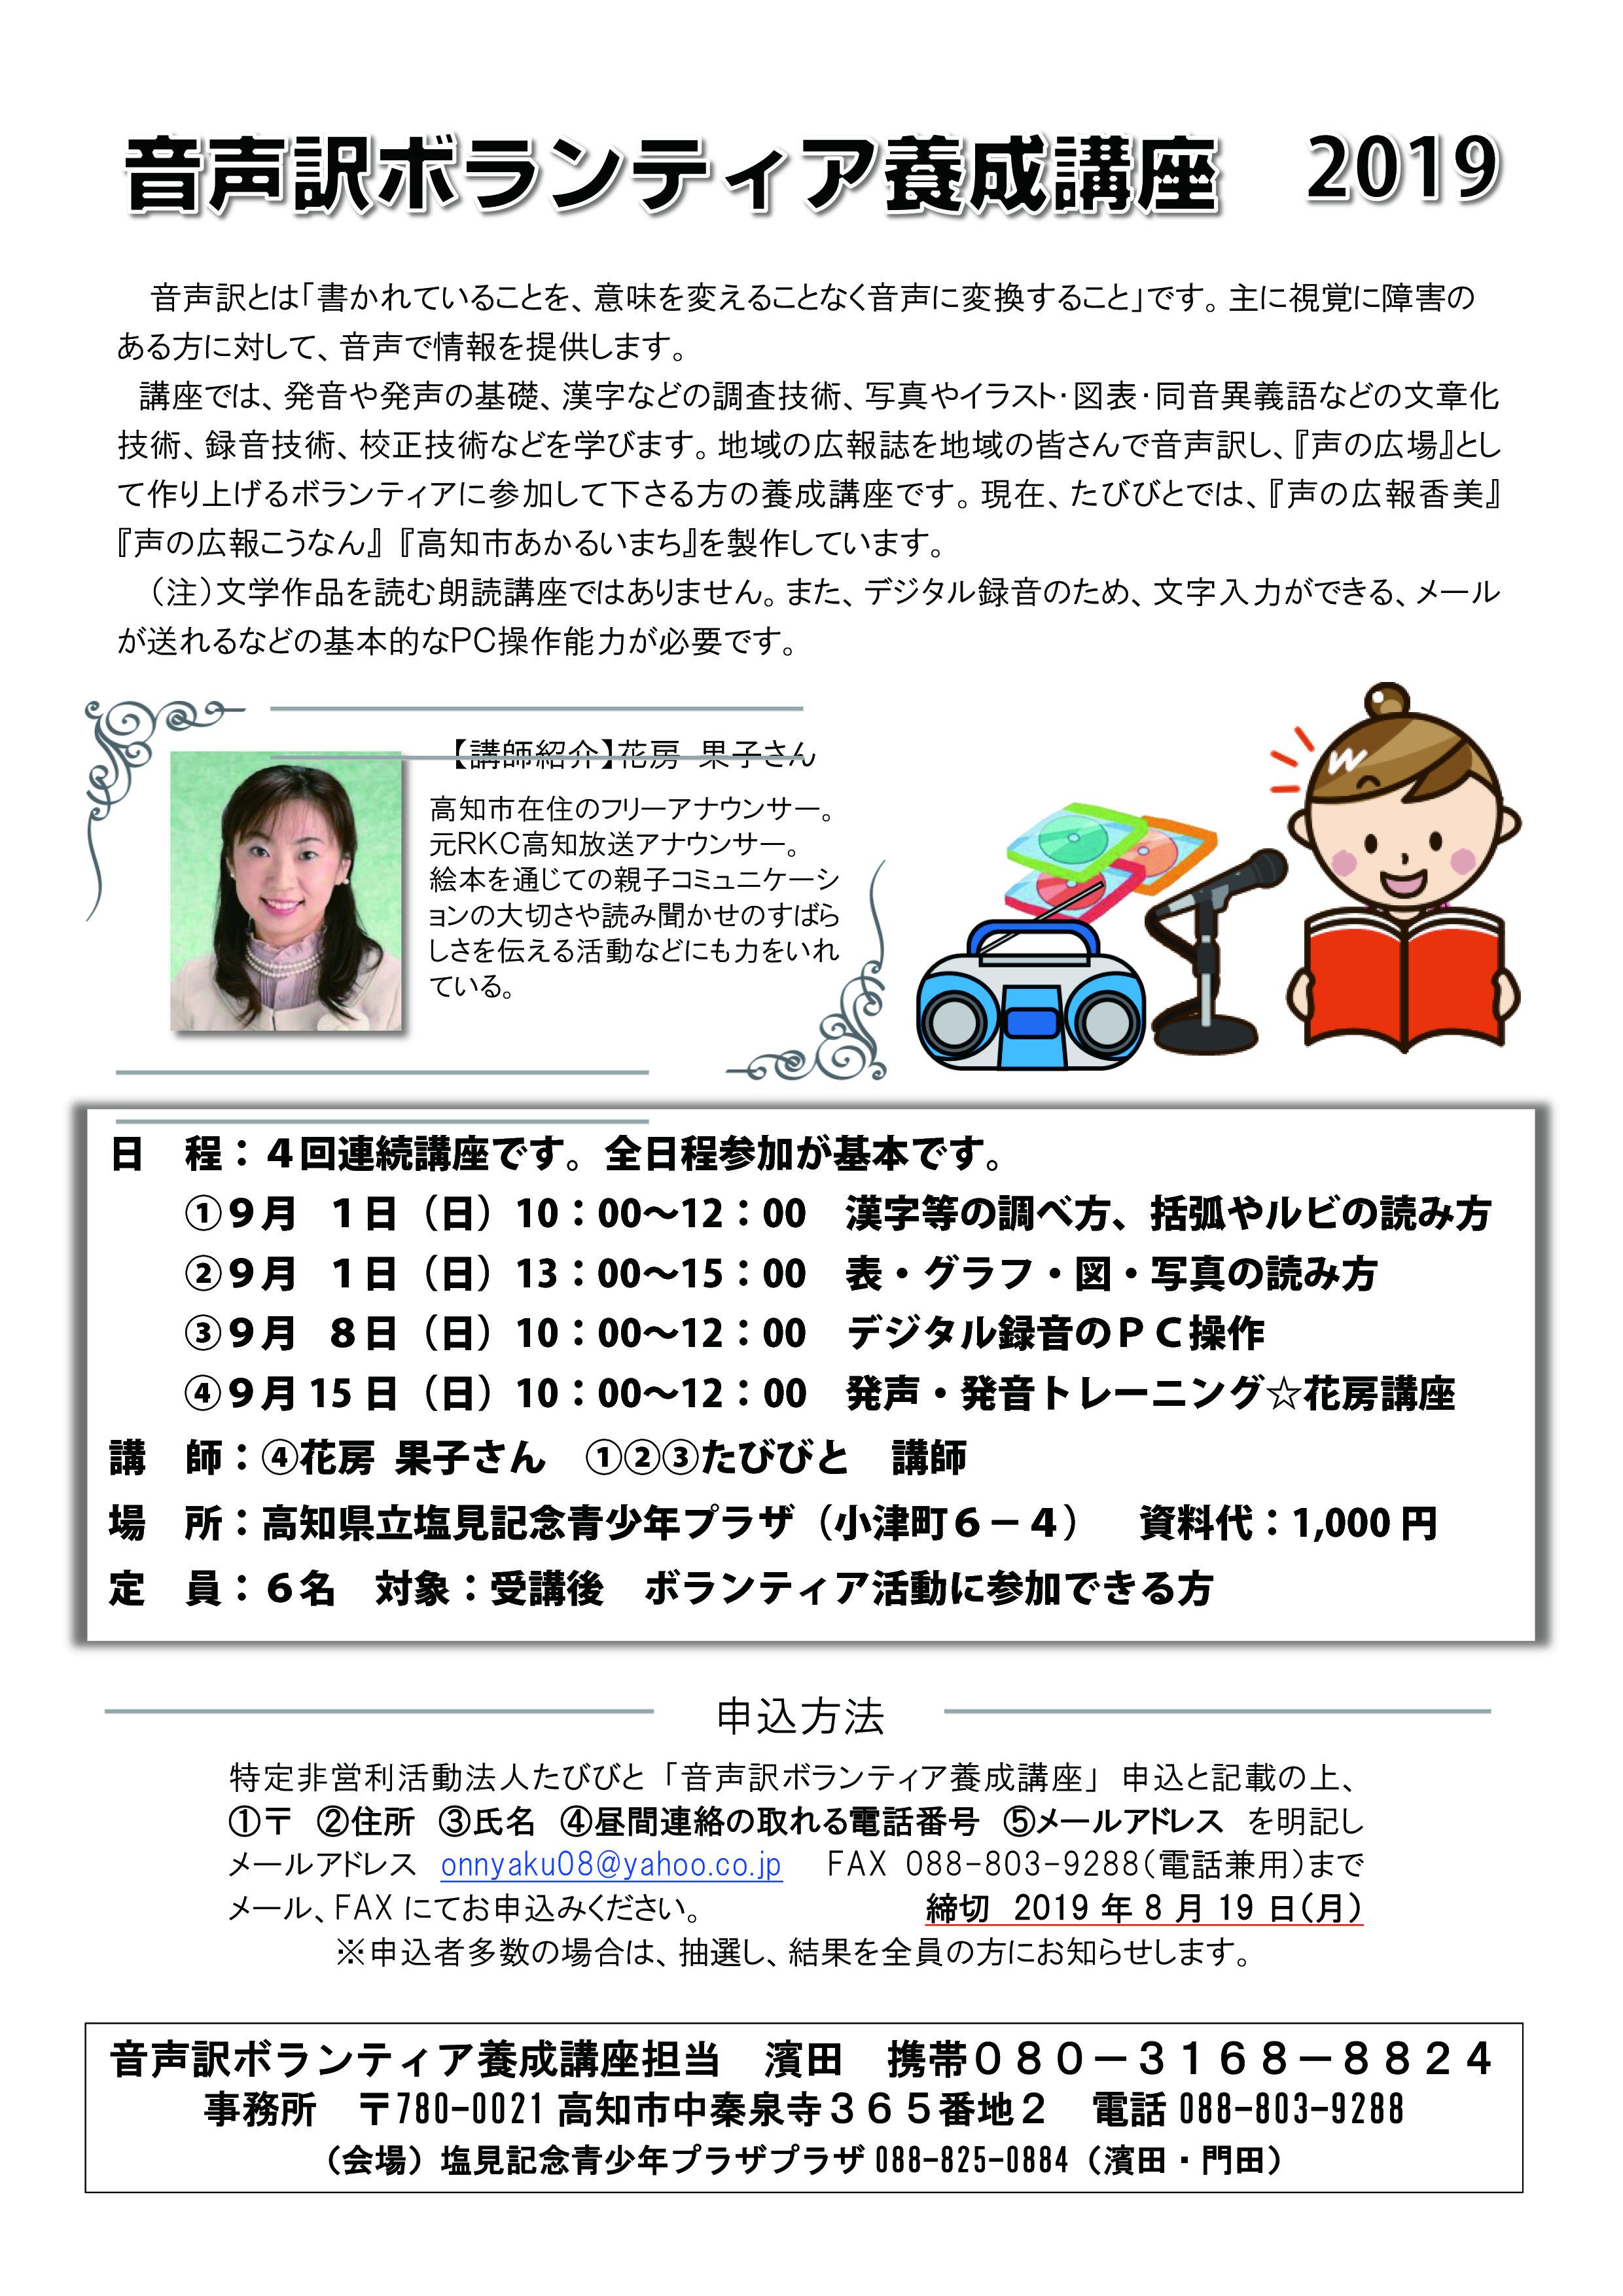 onyaku-volunteers.jpg